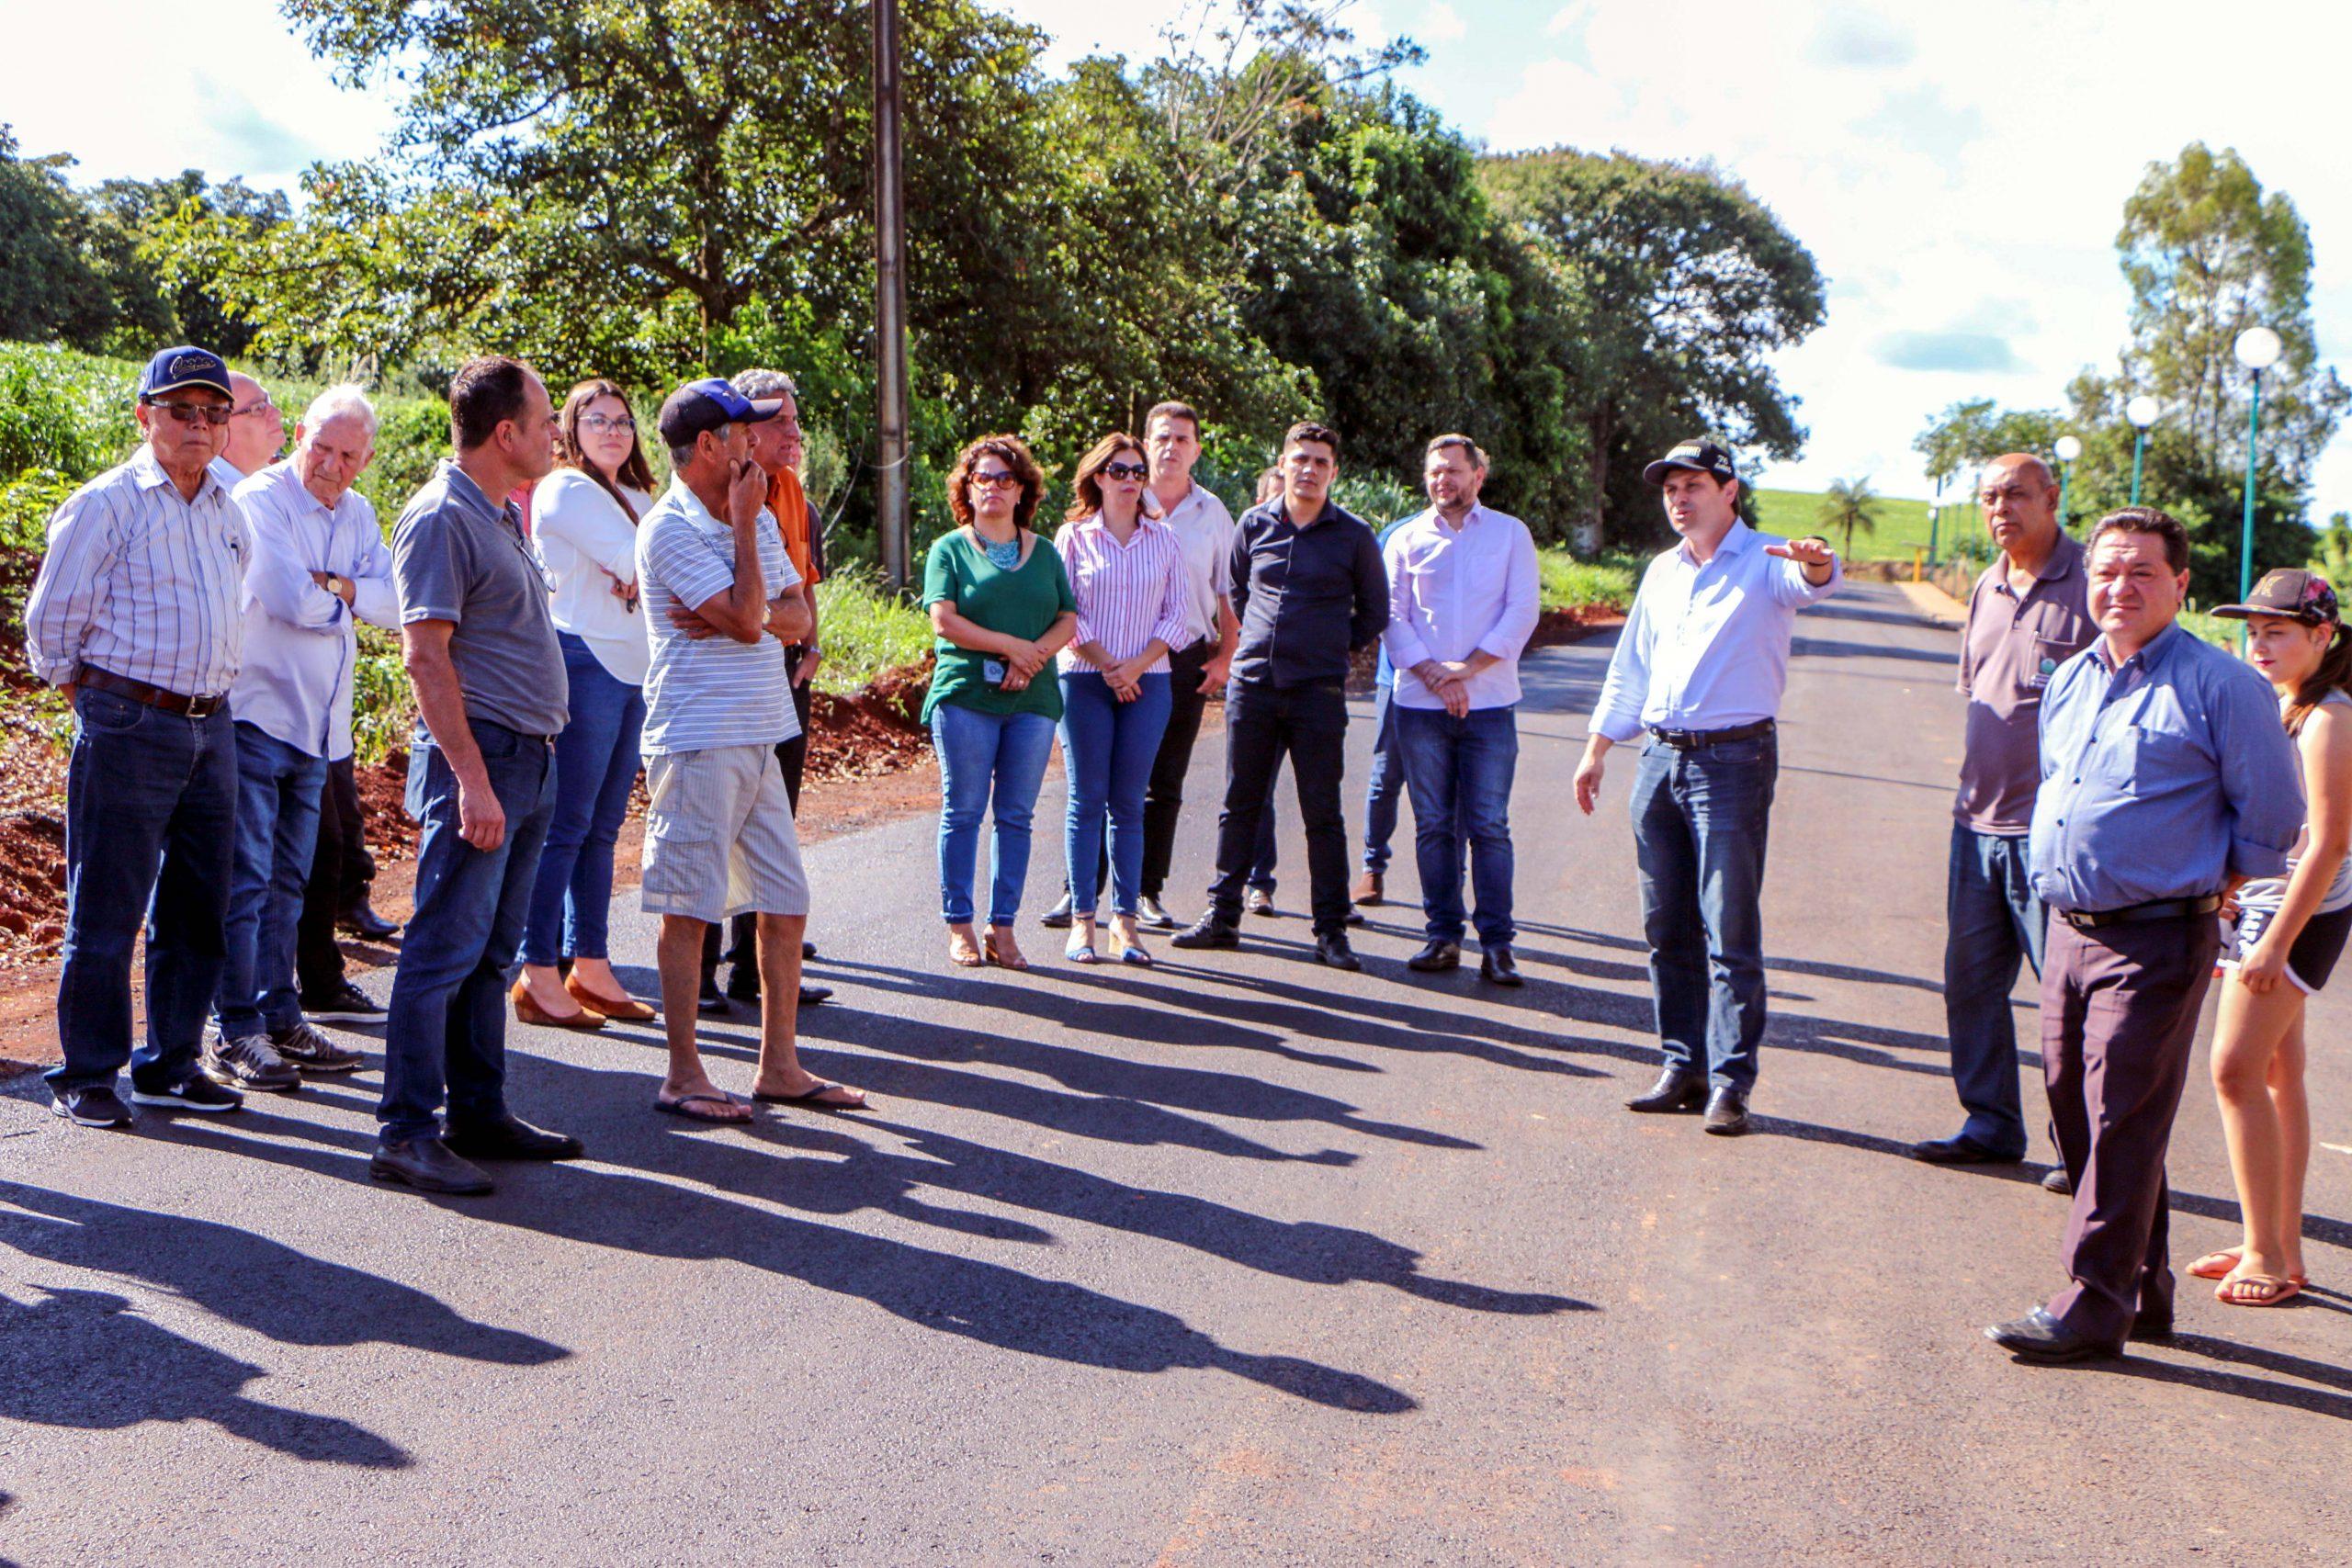 Parte da grade comemorativa aos 76 anos de Apucarana, a benfeitoria foi entregue oficialmente à comunidade pelo prefeito Júnior da Femac nesta sexta-feira